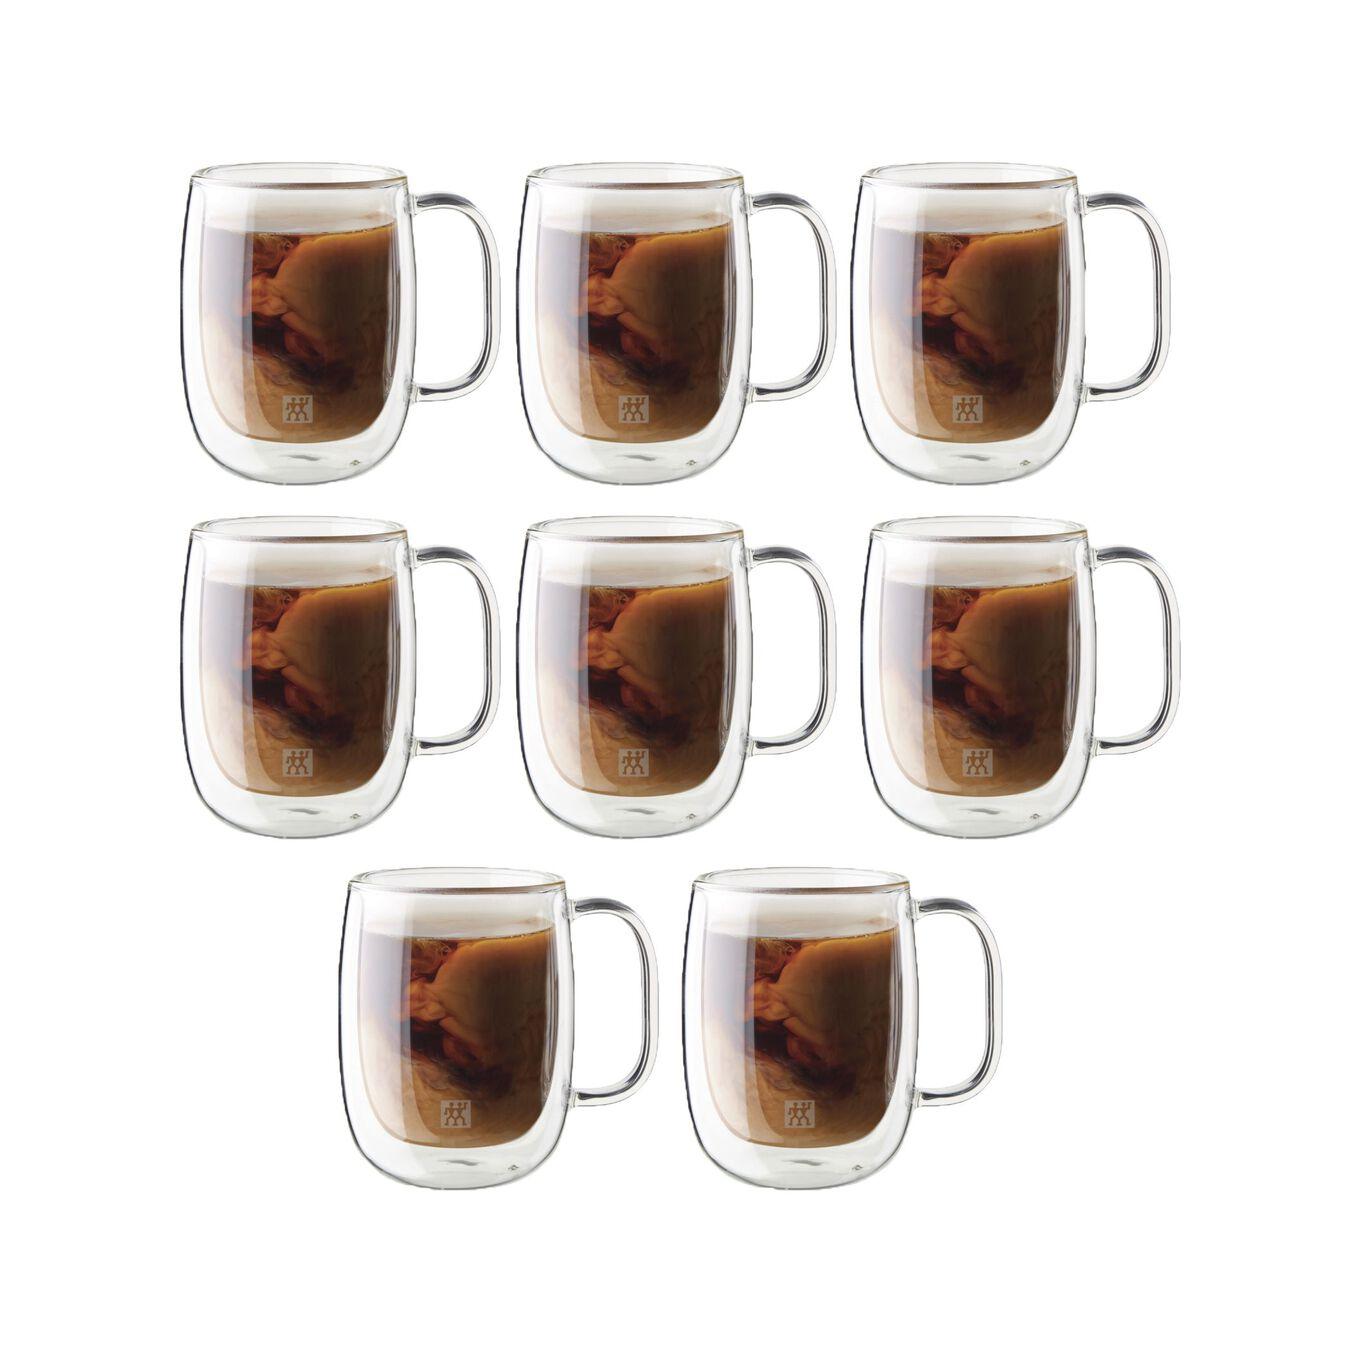 8-pcs Service de verres à café,,large 1